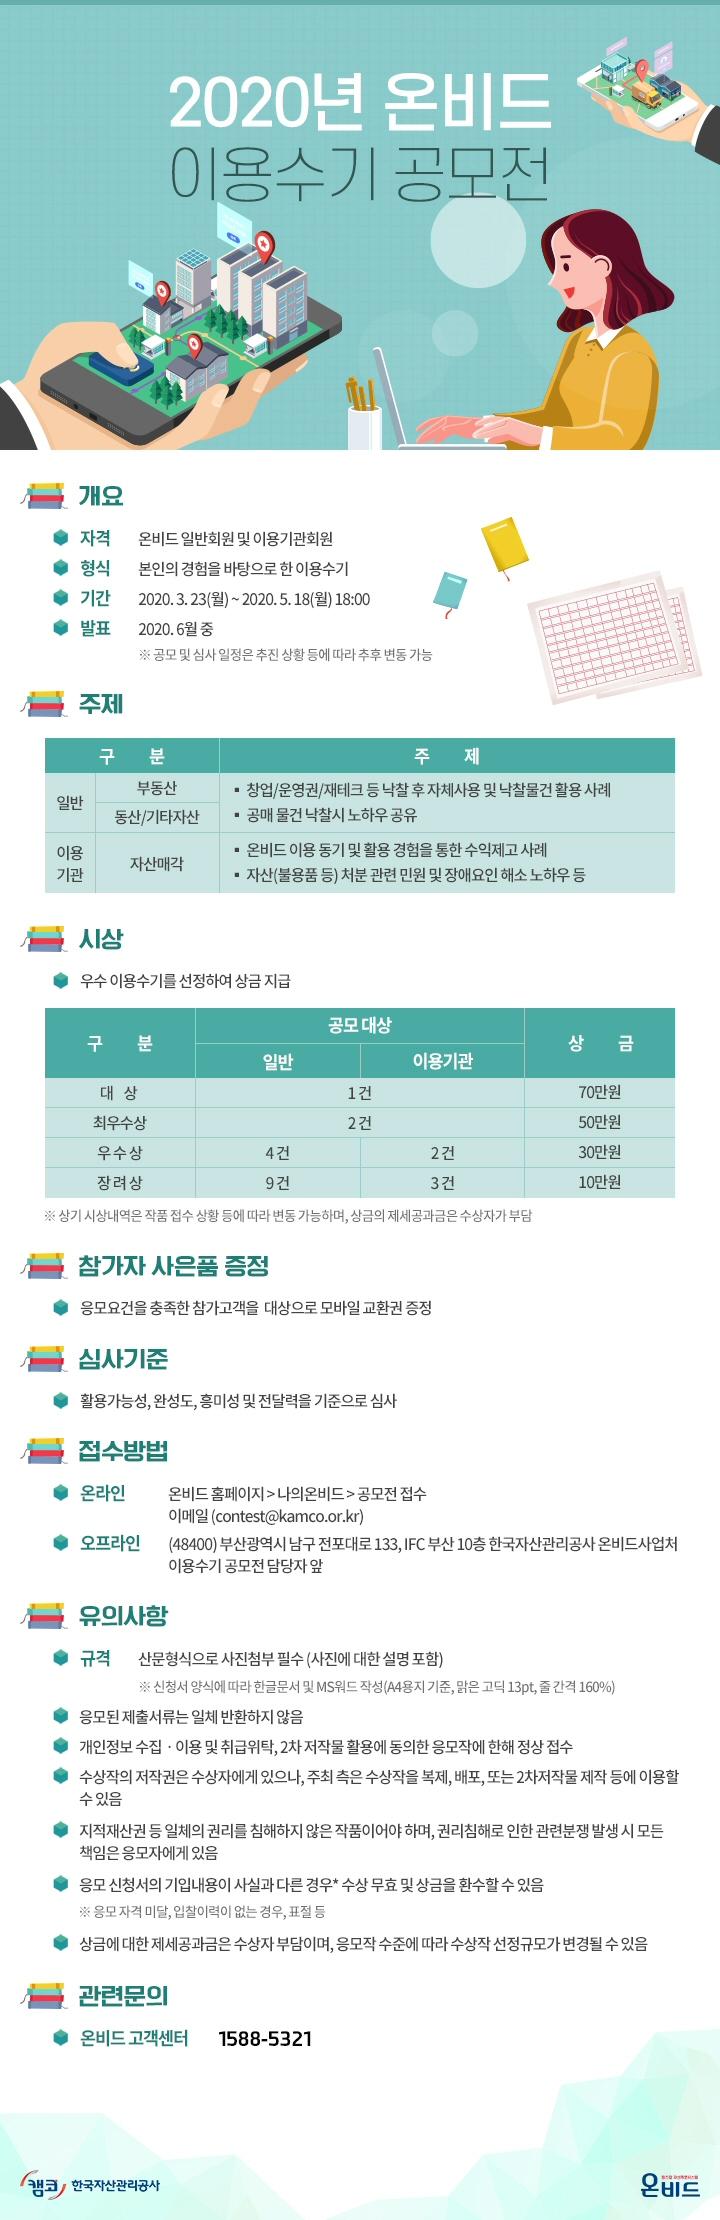 캠코, '2020년 온비드 이용수기 공모전' 개최